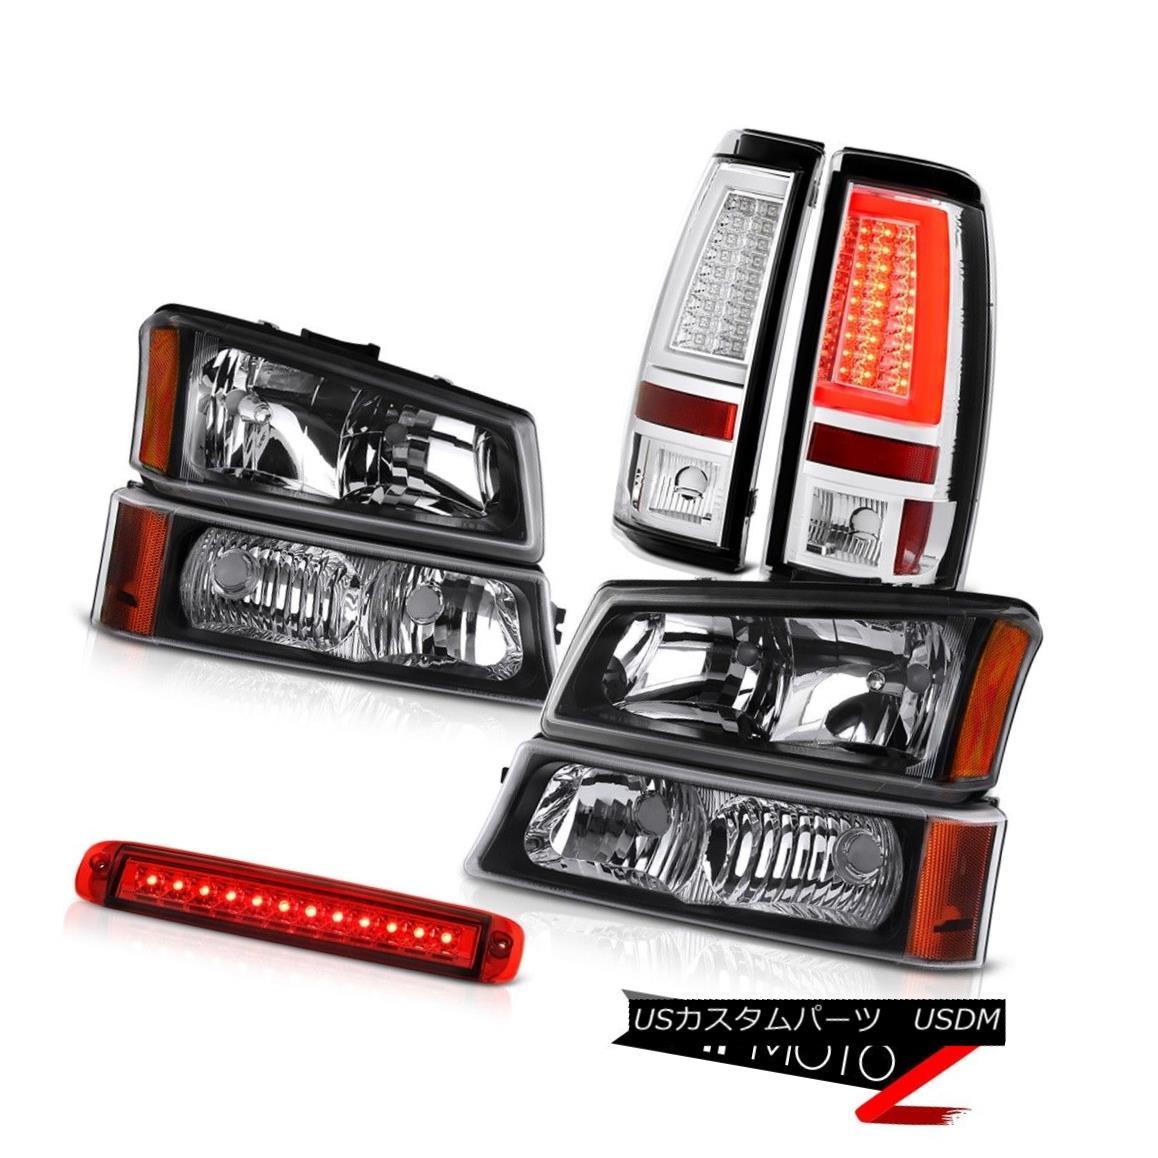 テールライト 2003-2006 Silverado 1500 Tail Lights Roof Cab Light Inky Black Bumper Headlights 2003-2006シルバラード1500テールライトルーフキャブライトインキブラックバンパーヘッドライト